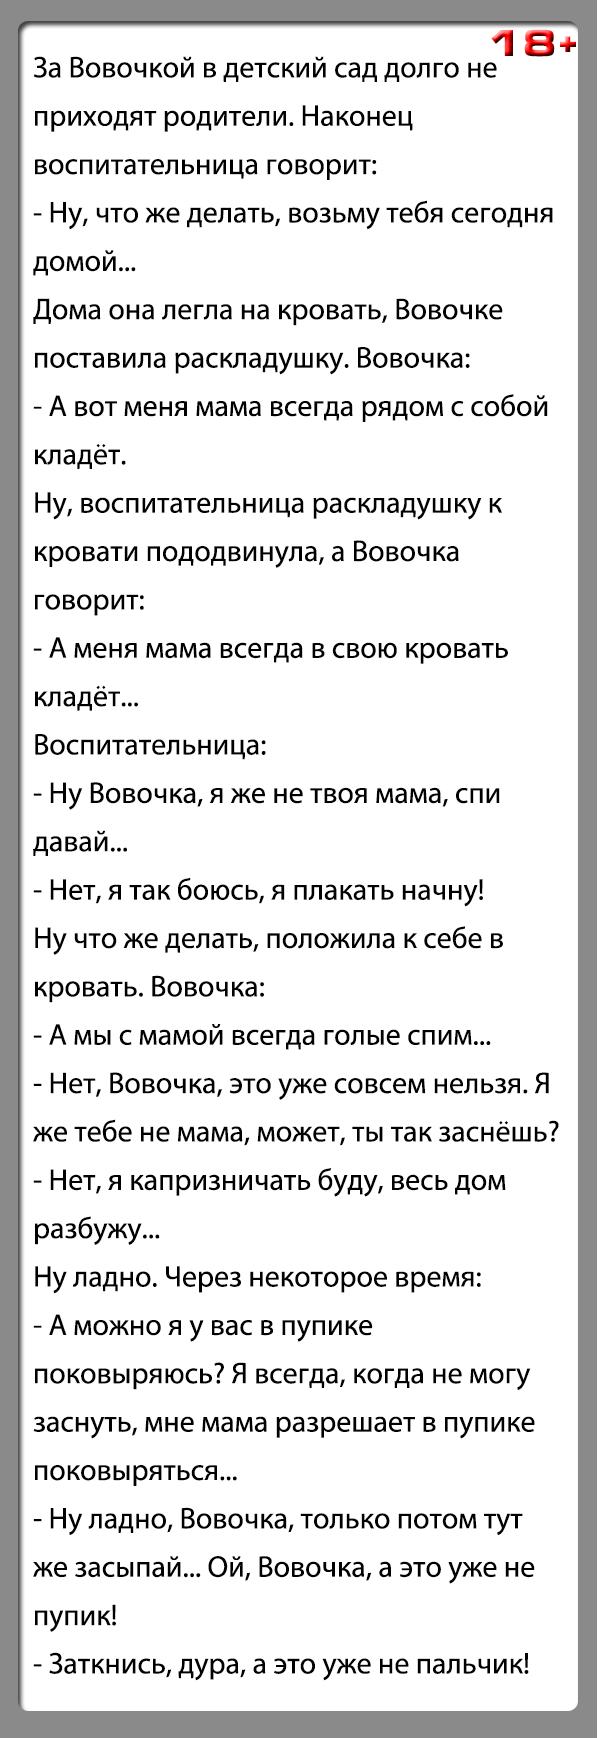 """Анекдот """"Вовочку не забрали из детского сада"""""""